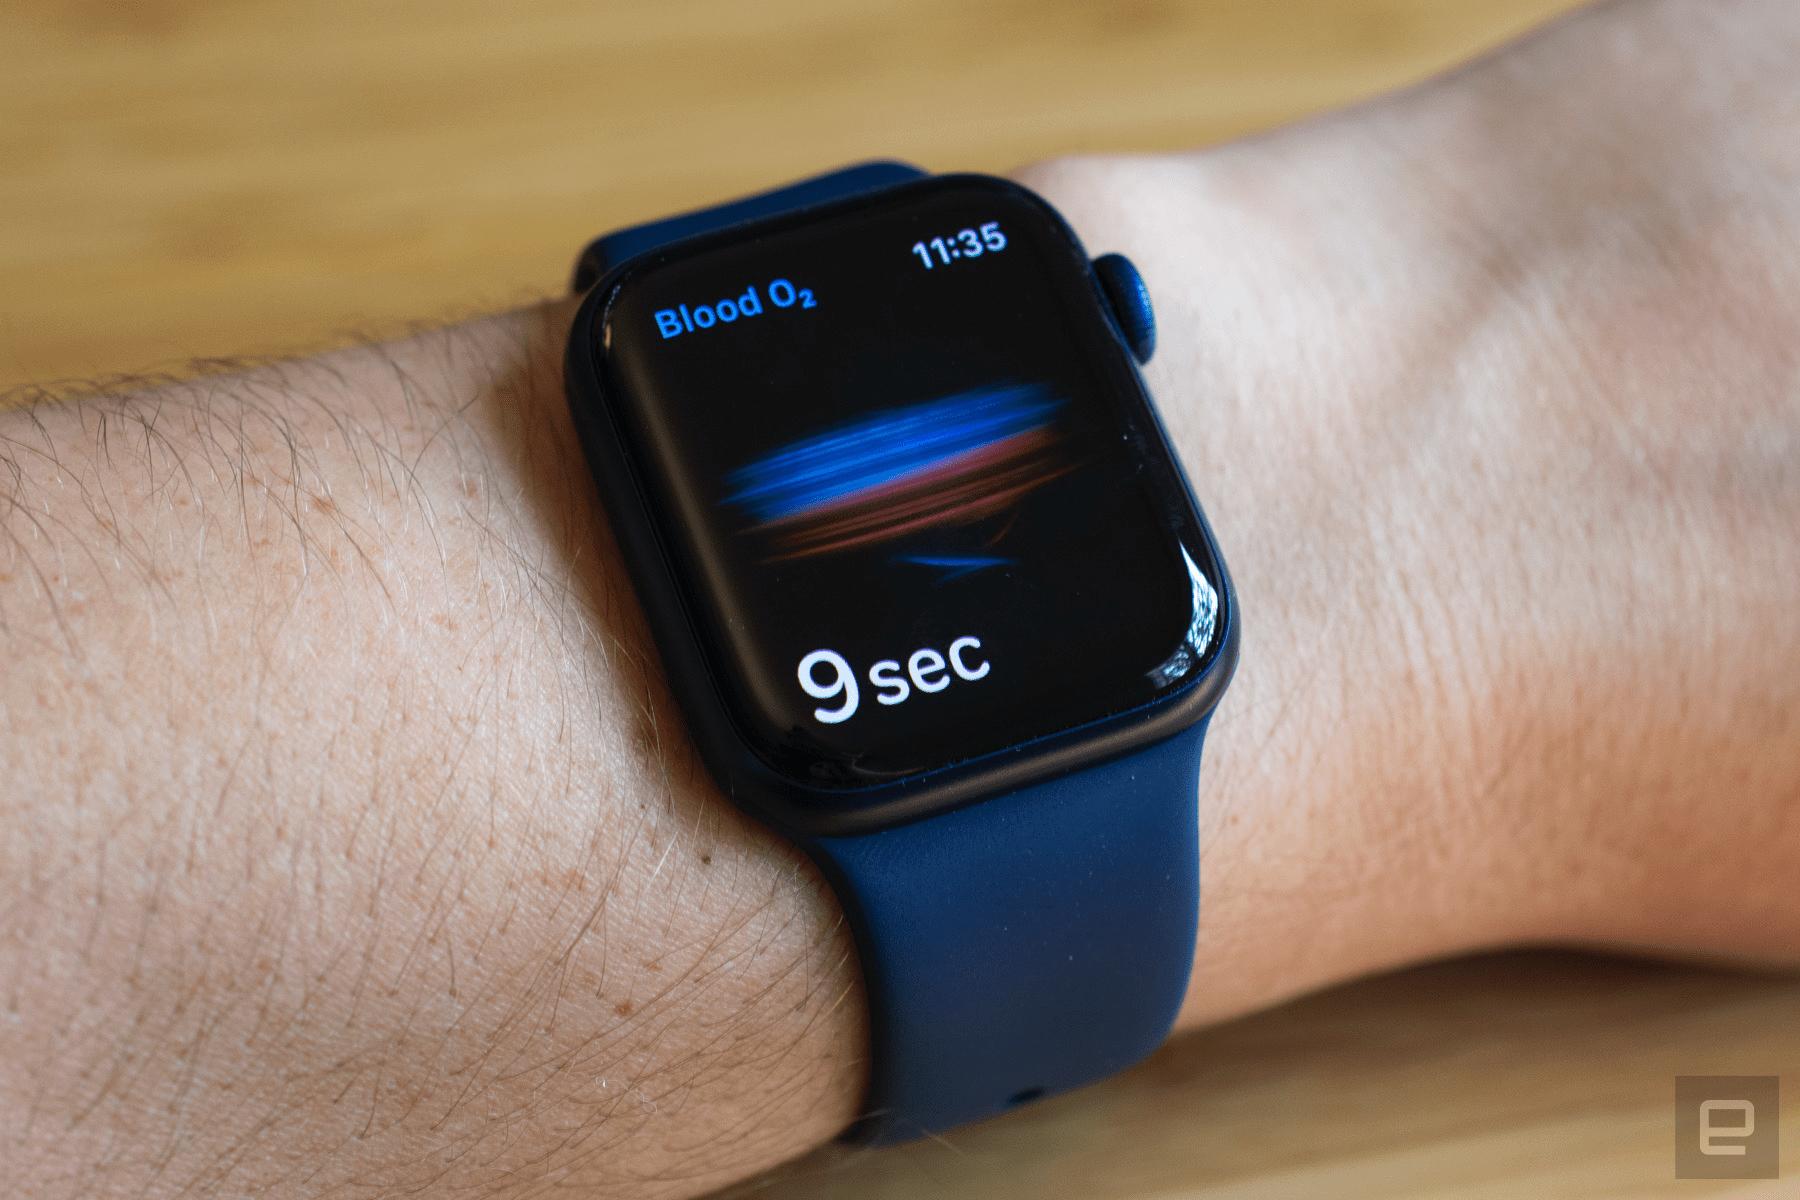 下一代Apple Watch或将加入血糖监测功能